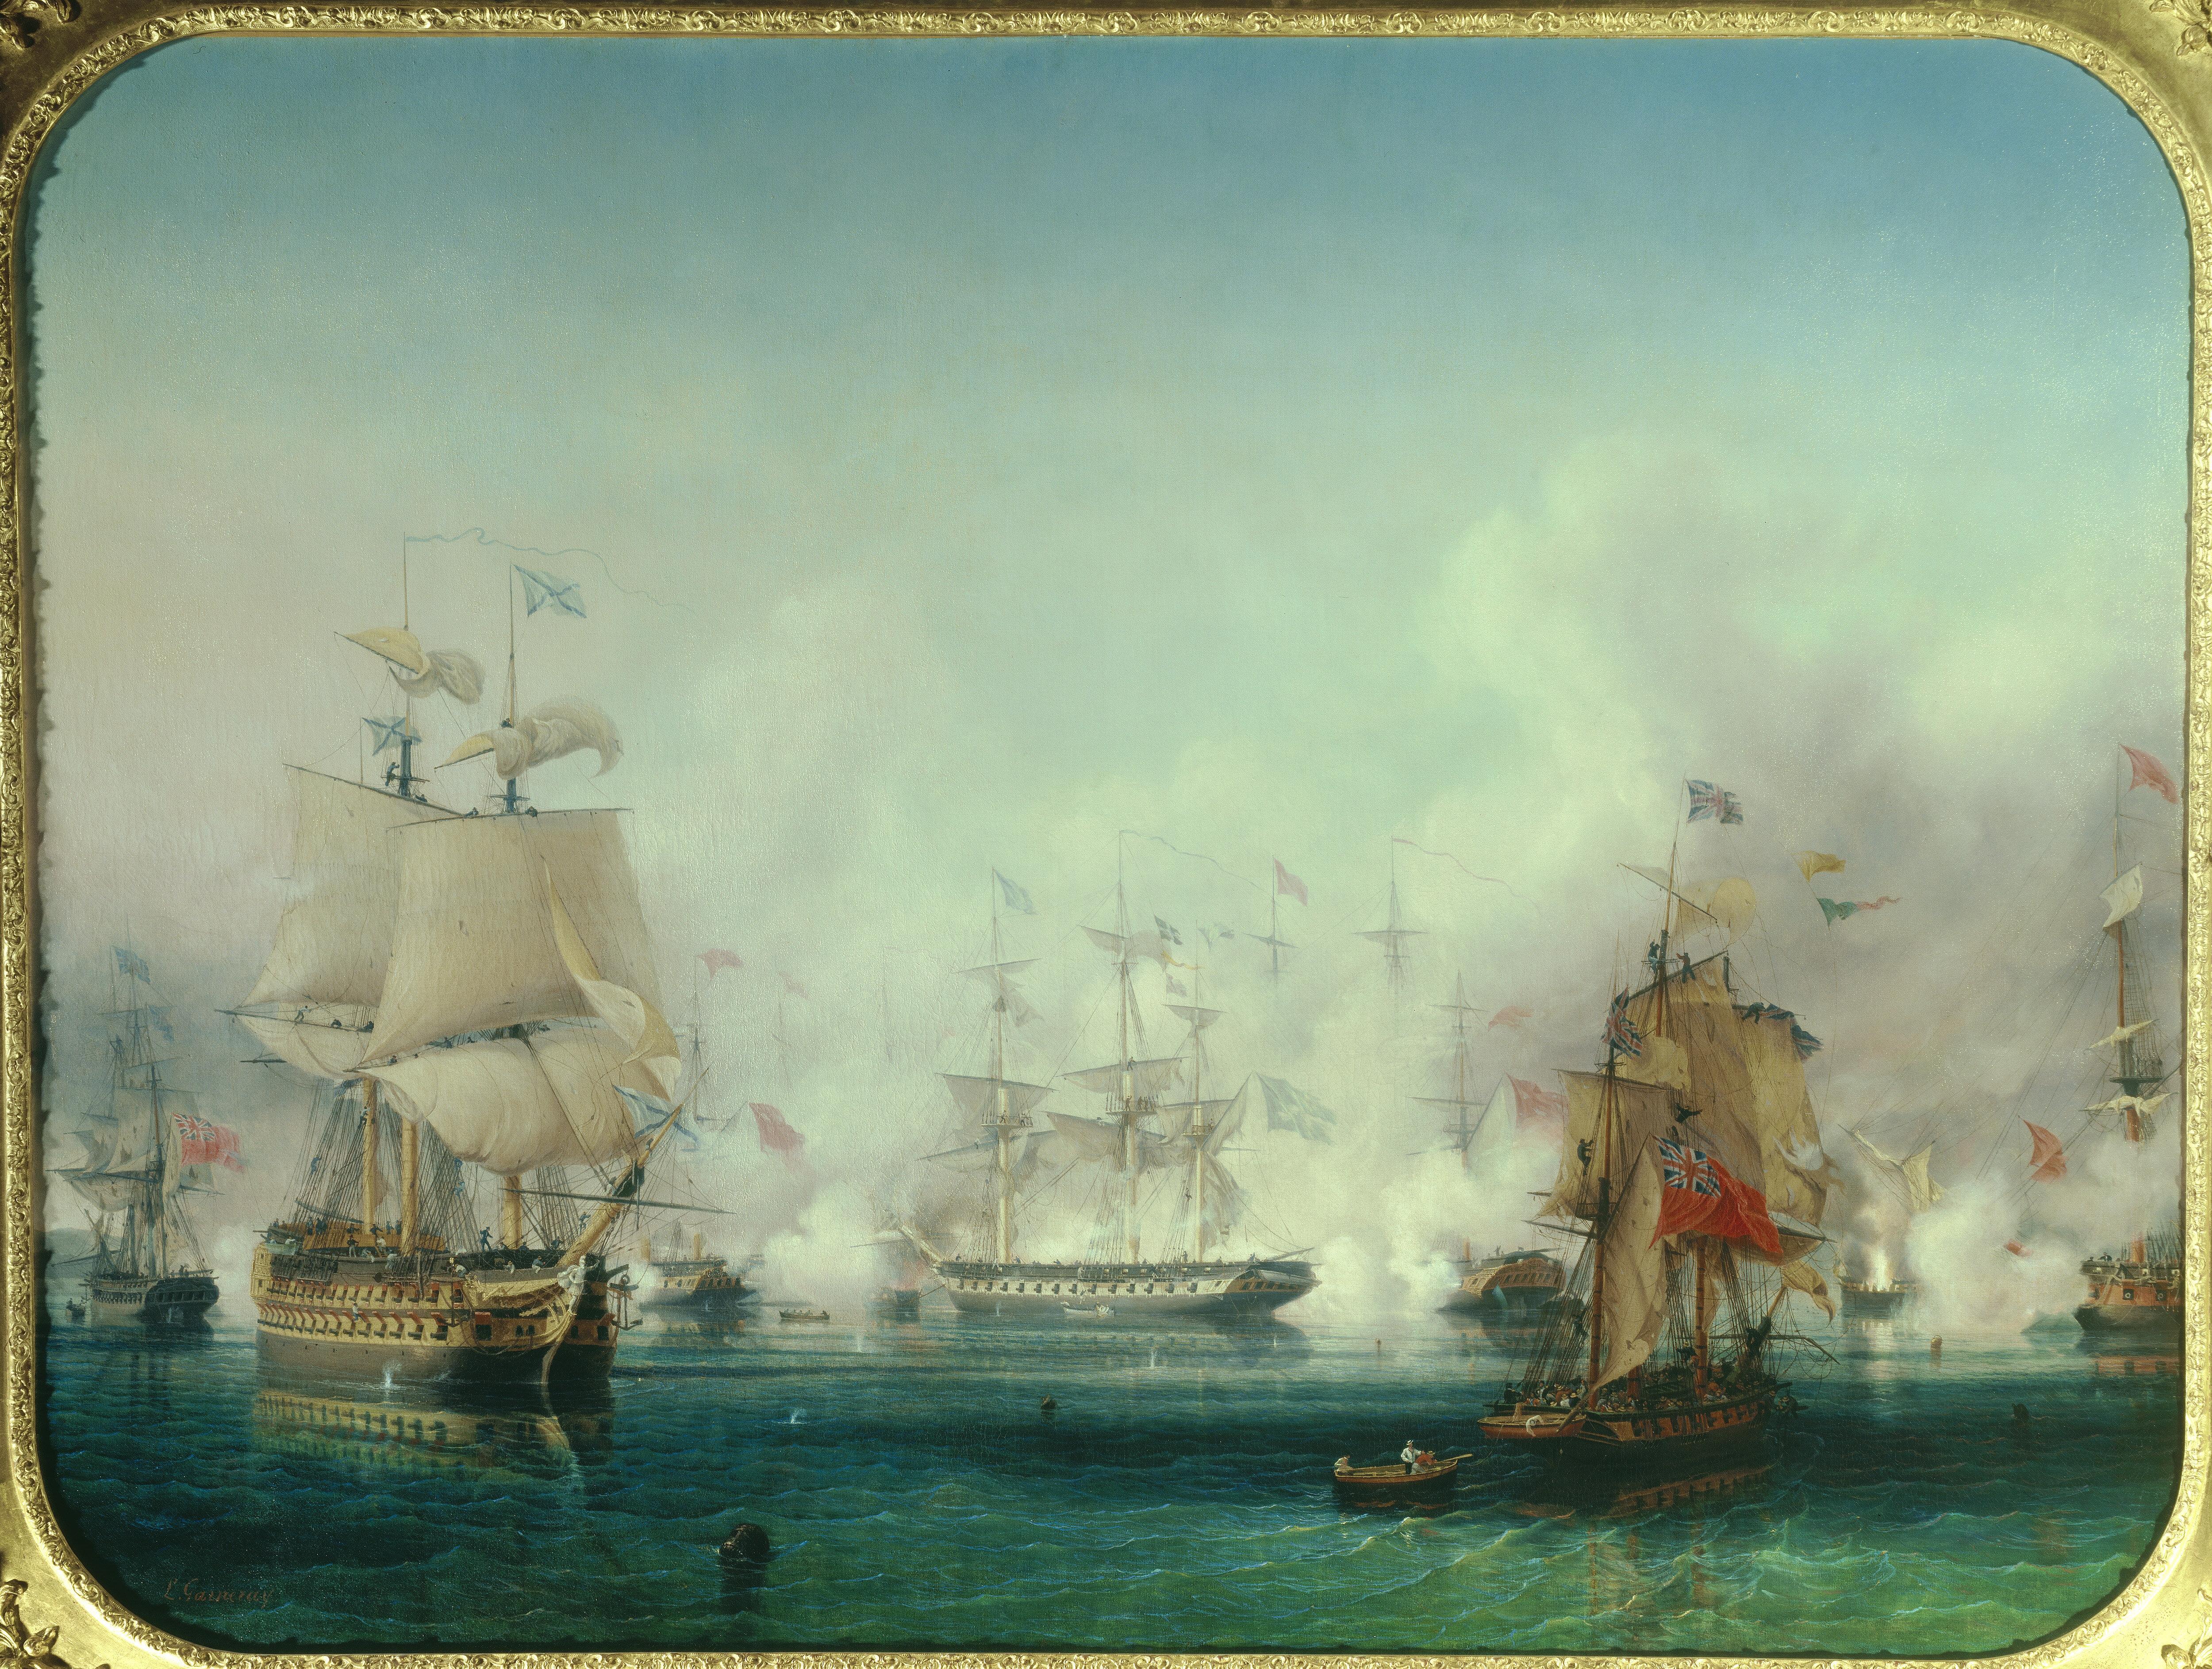 Γάλλοι, Άγγλοι, Γερμανοί, Ιταλοί και άλλοι σύμμαχοι των Οθωμανών, εν μέσω των αγώνων των